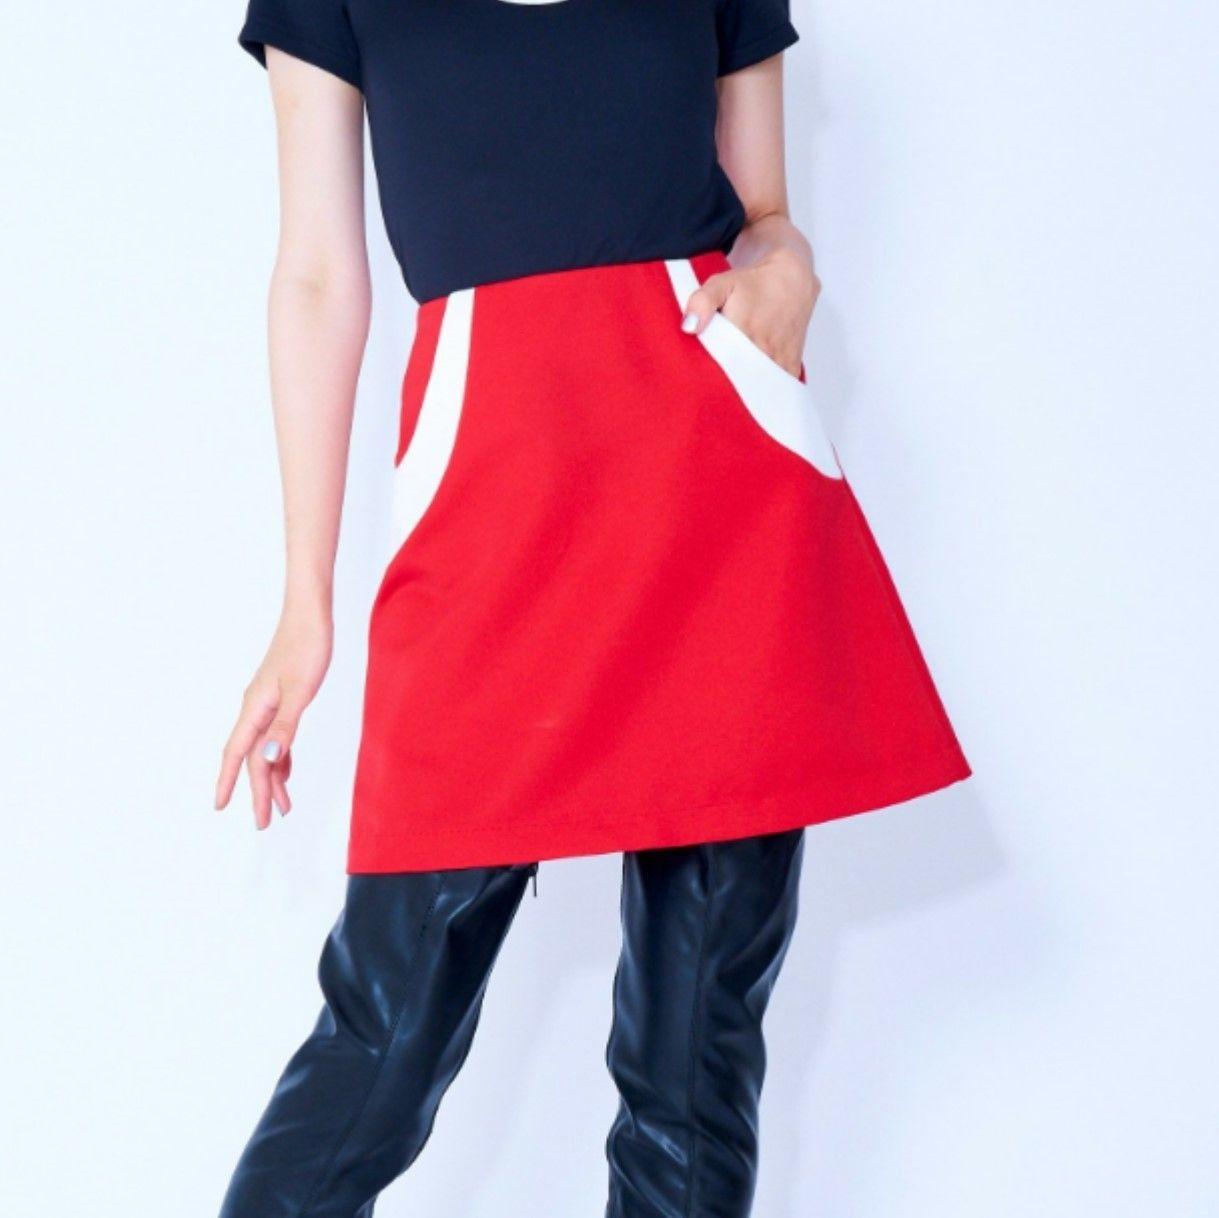 ハーフWHラインスカート